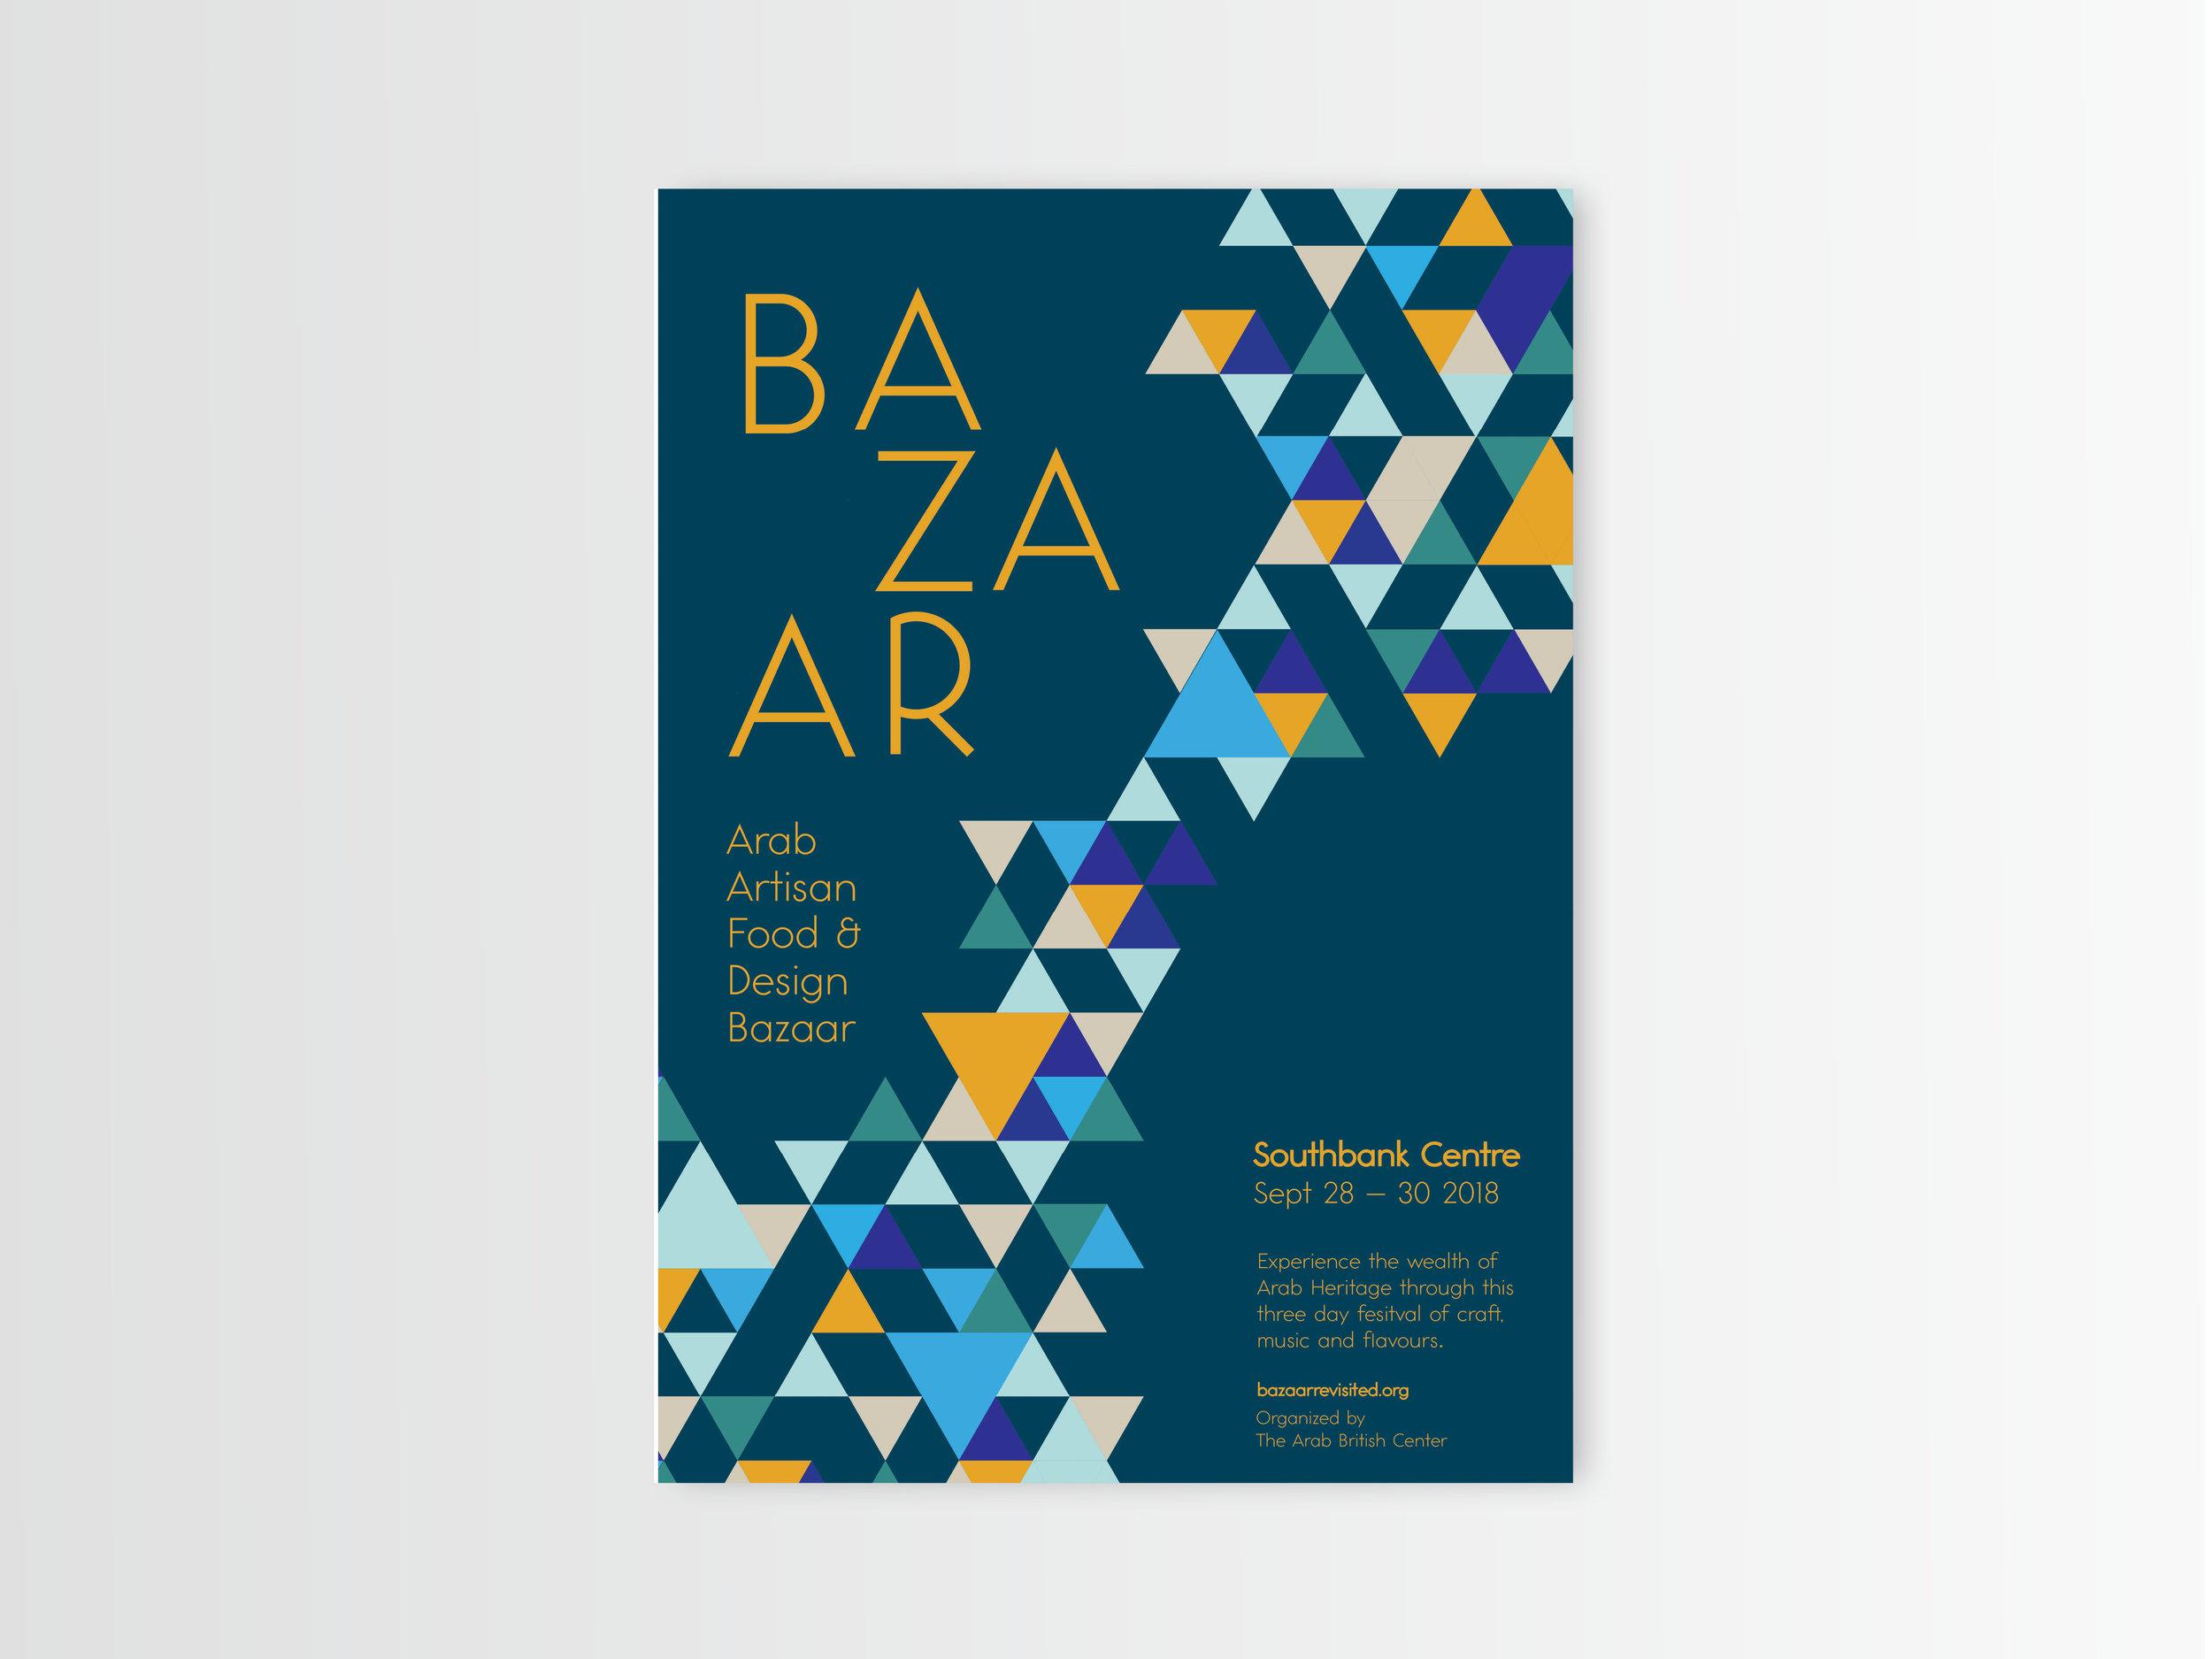 Bazaar_Web2.jpg